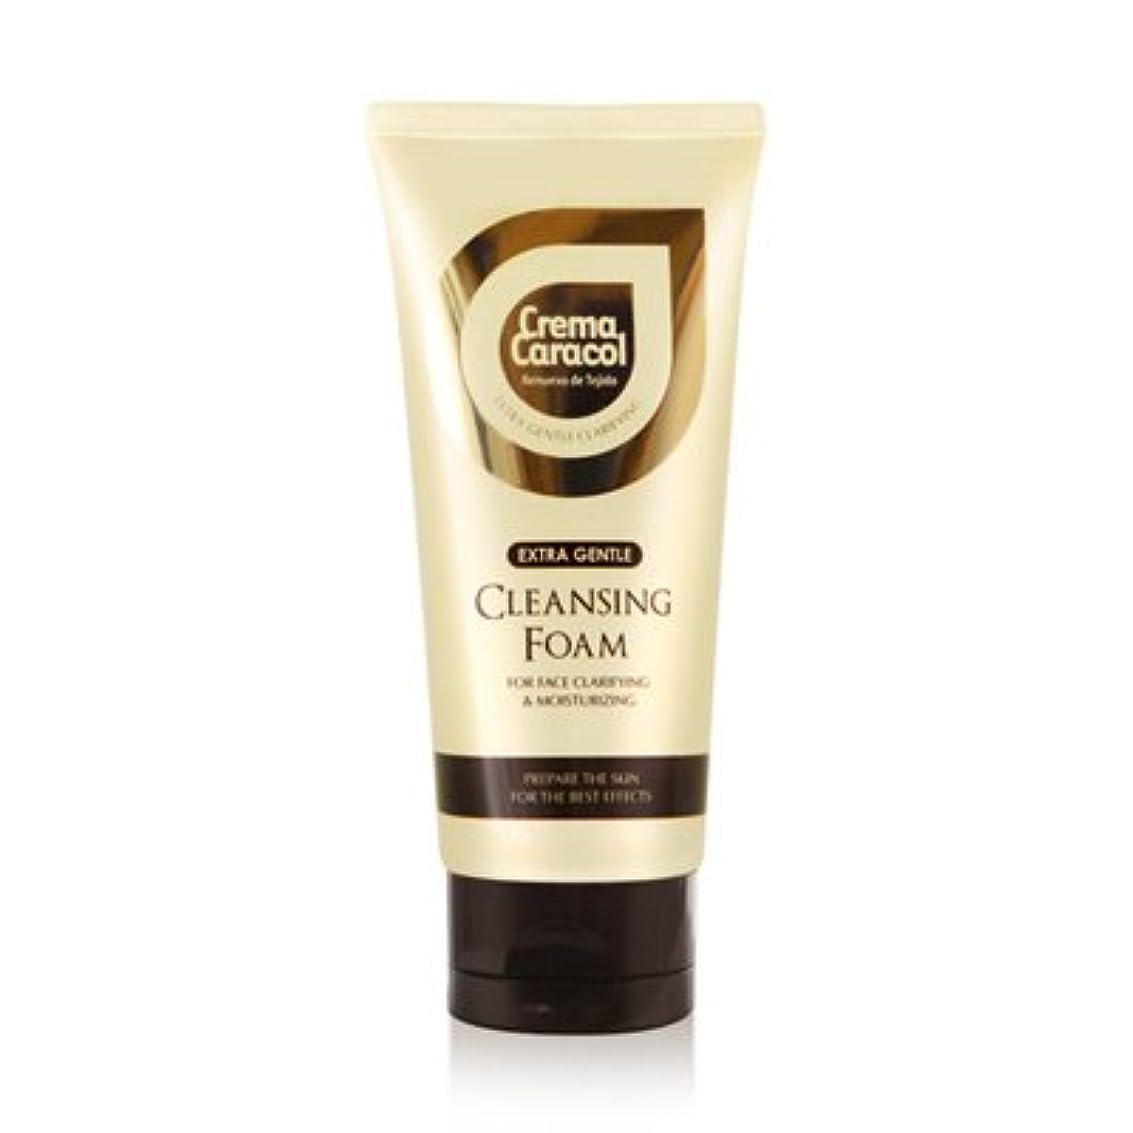 むしゃむしゃ分離するシェルタージャミンギョン [Jaminkyung] Crema Caracol Extra Gentle Cleansing Foam175ml エクストラジェントル カタツムリクレンジングフォーム175ml